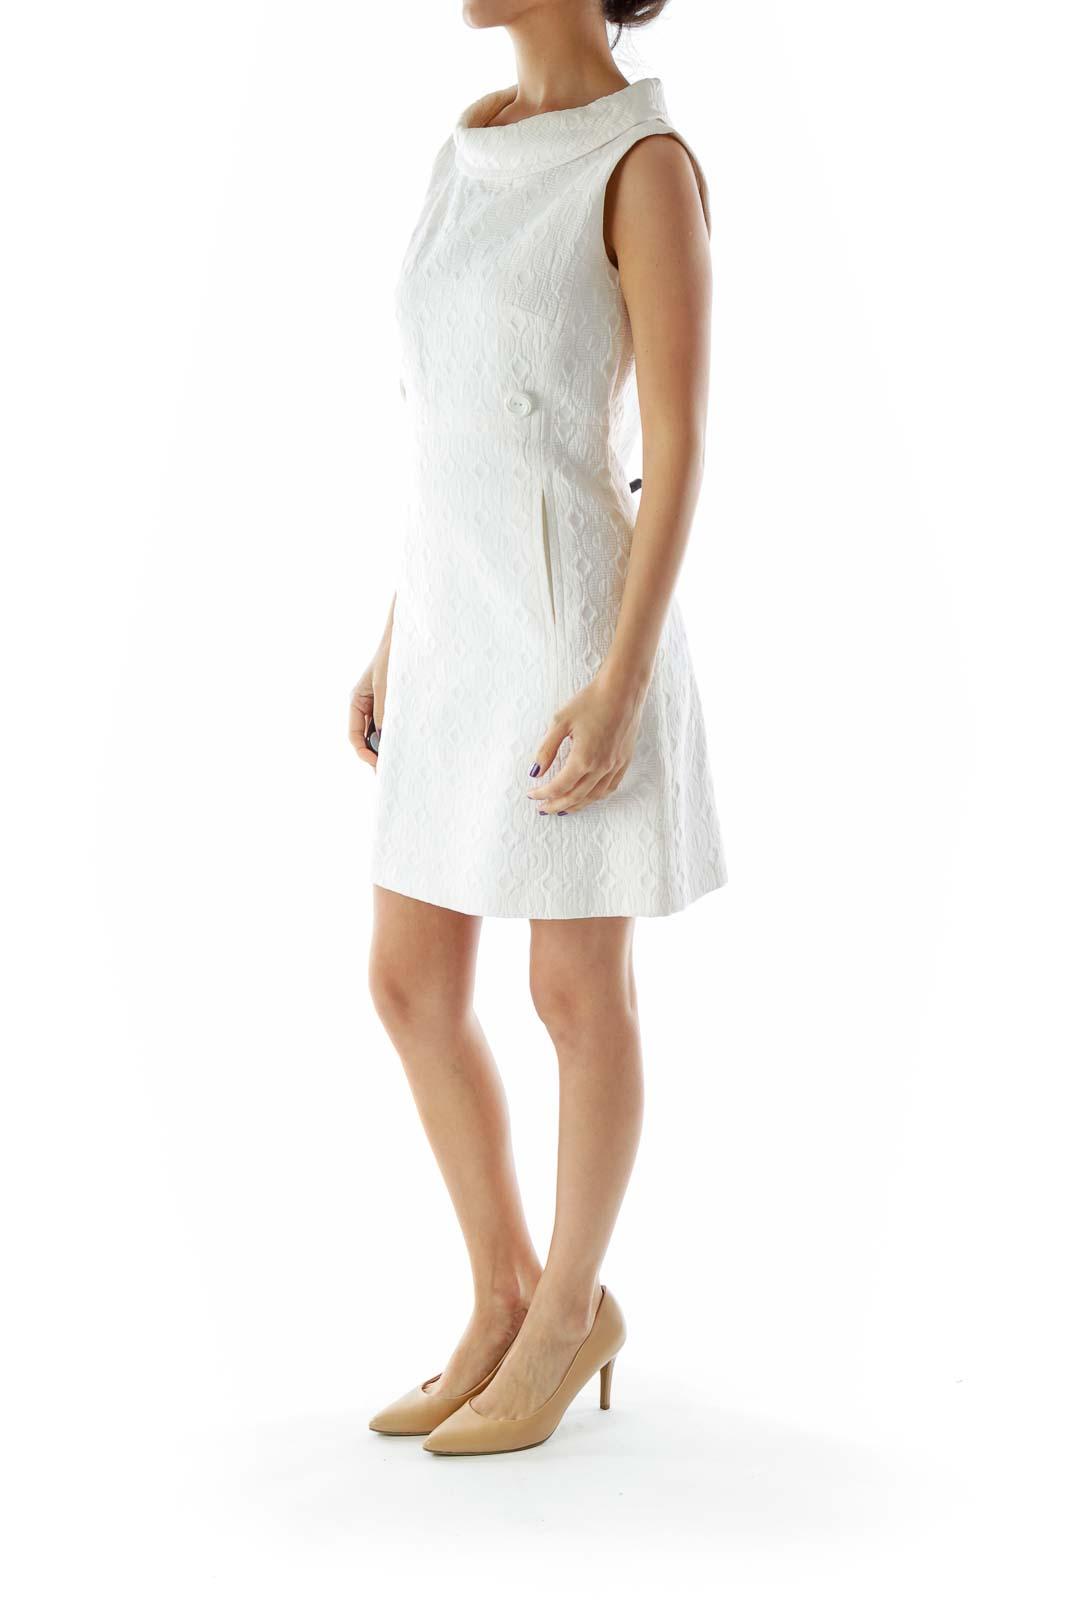 Off White Textured Work Dress